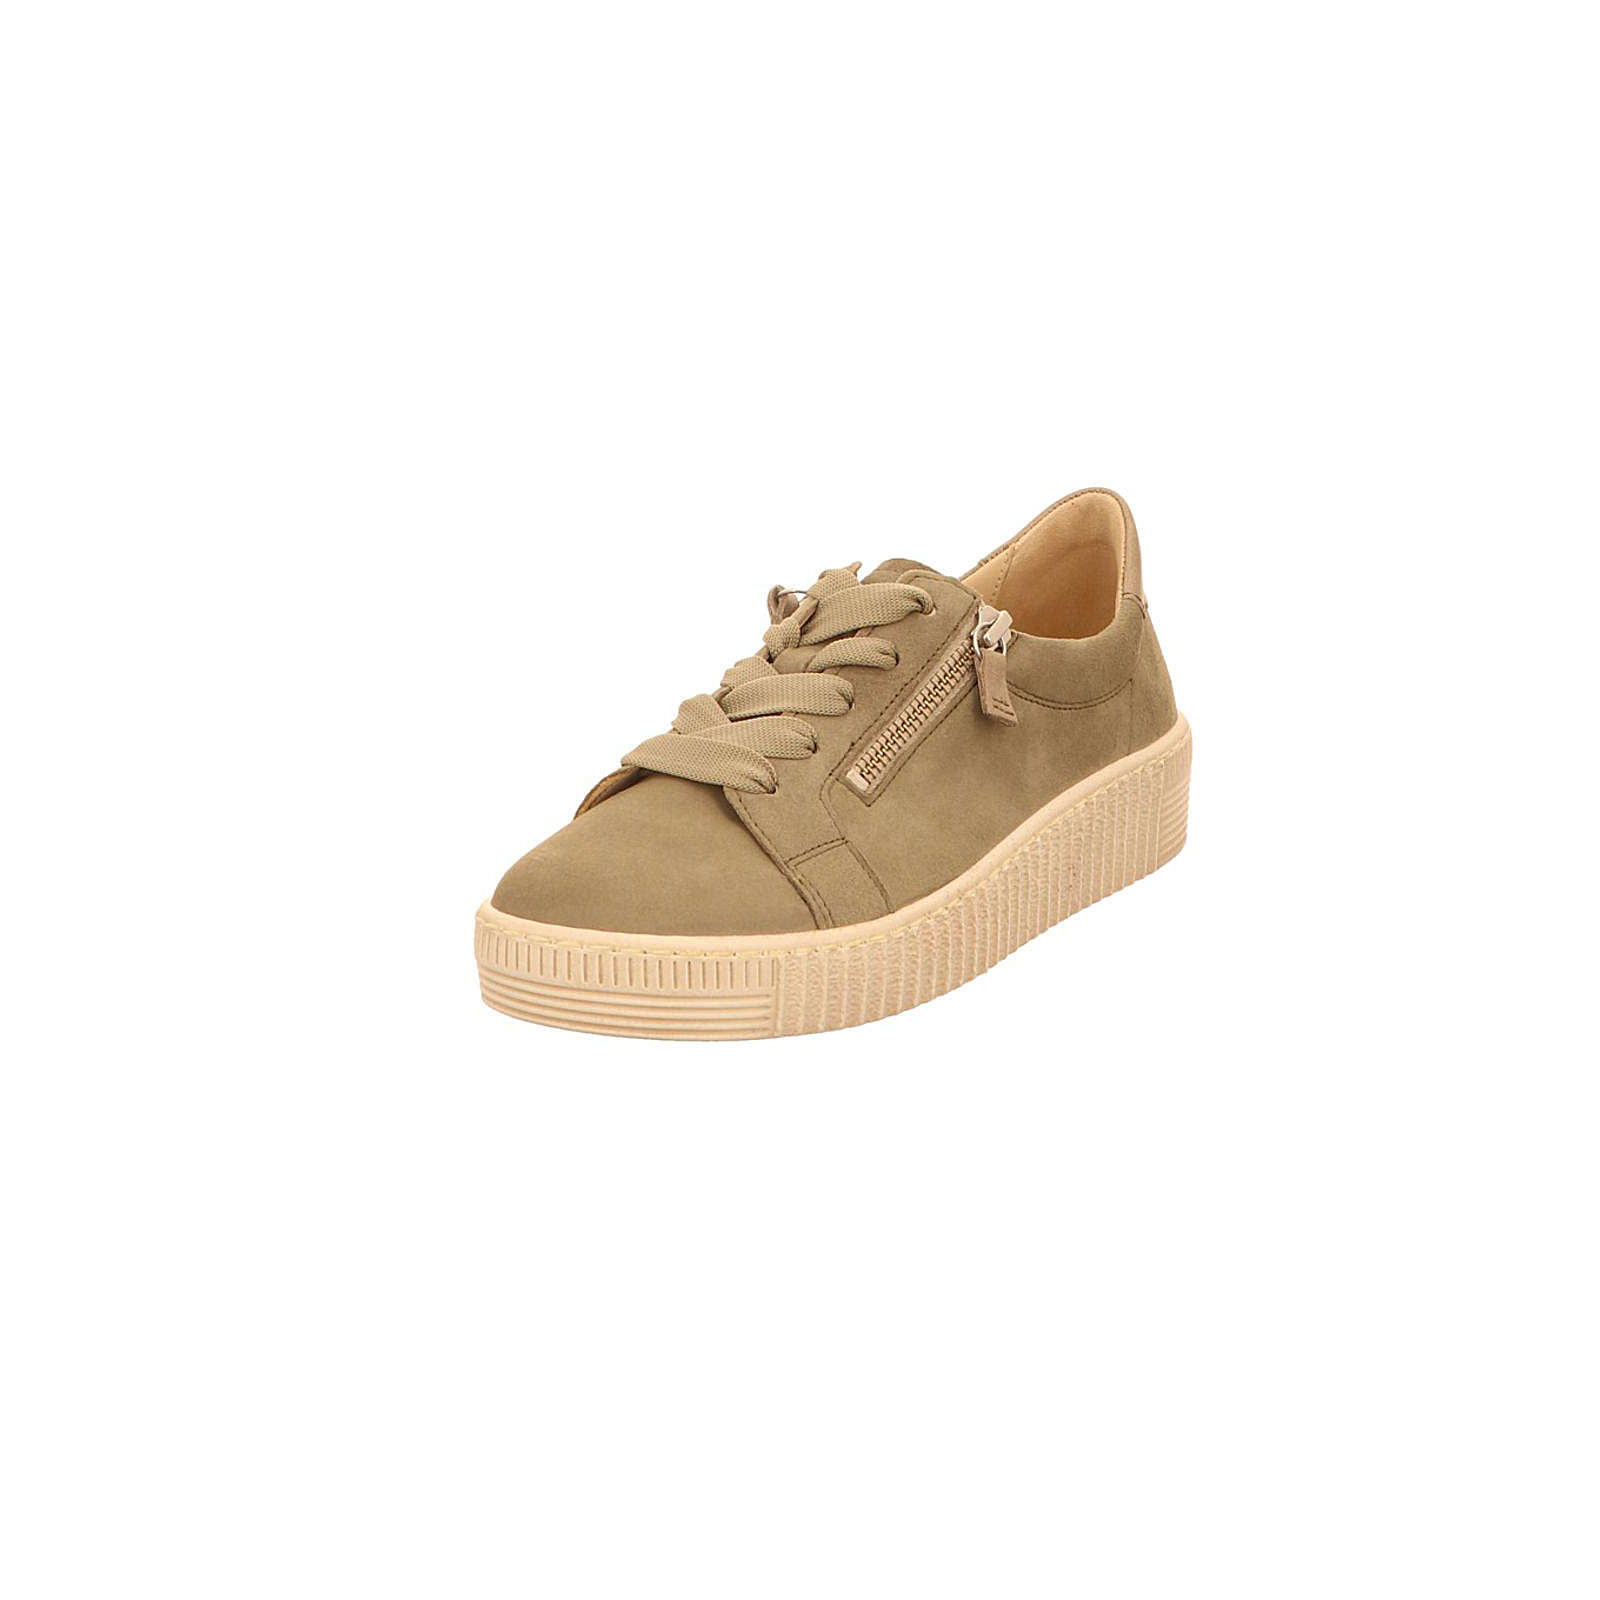 Gabor Sneakers grün grün Damen Gr. 40